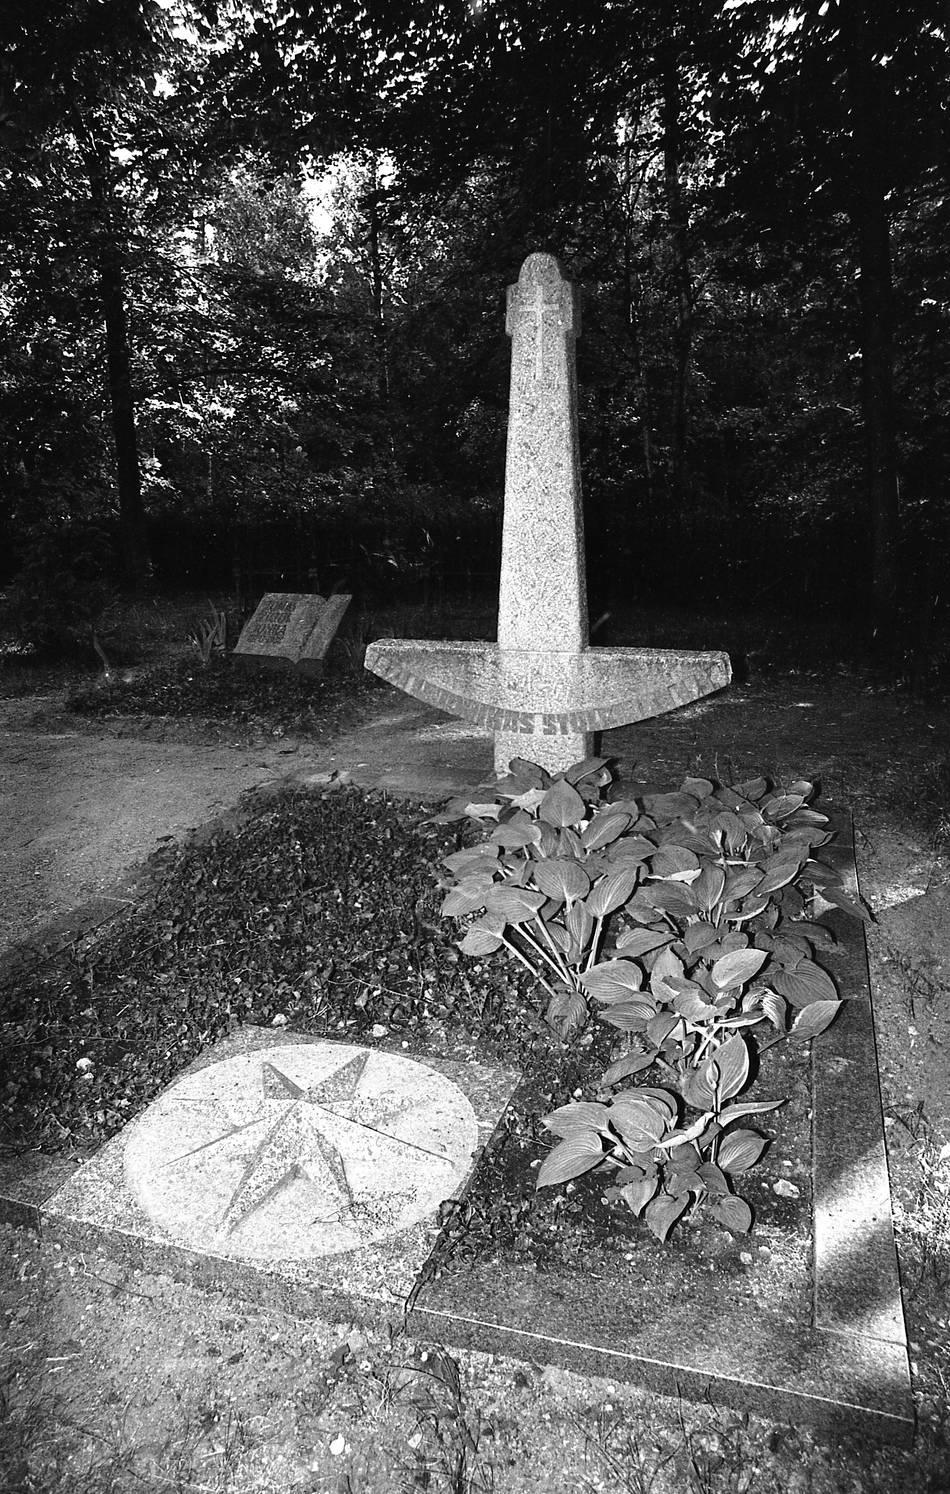 Antkapinis paminklas Liudvikui Stulpinui